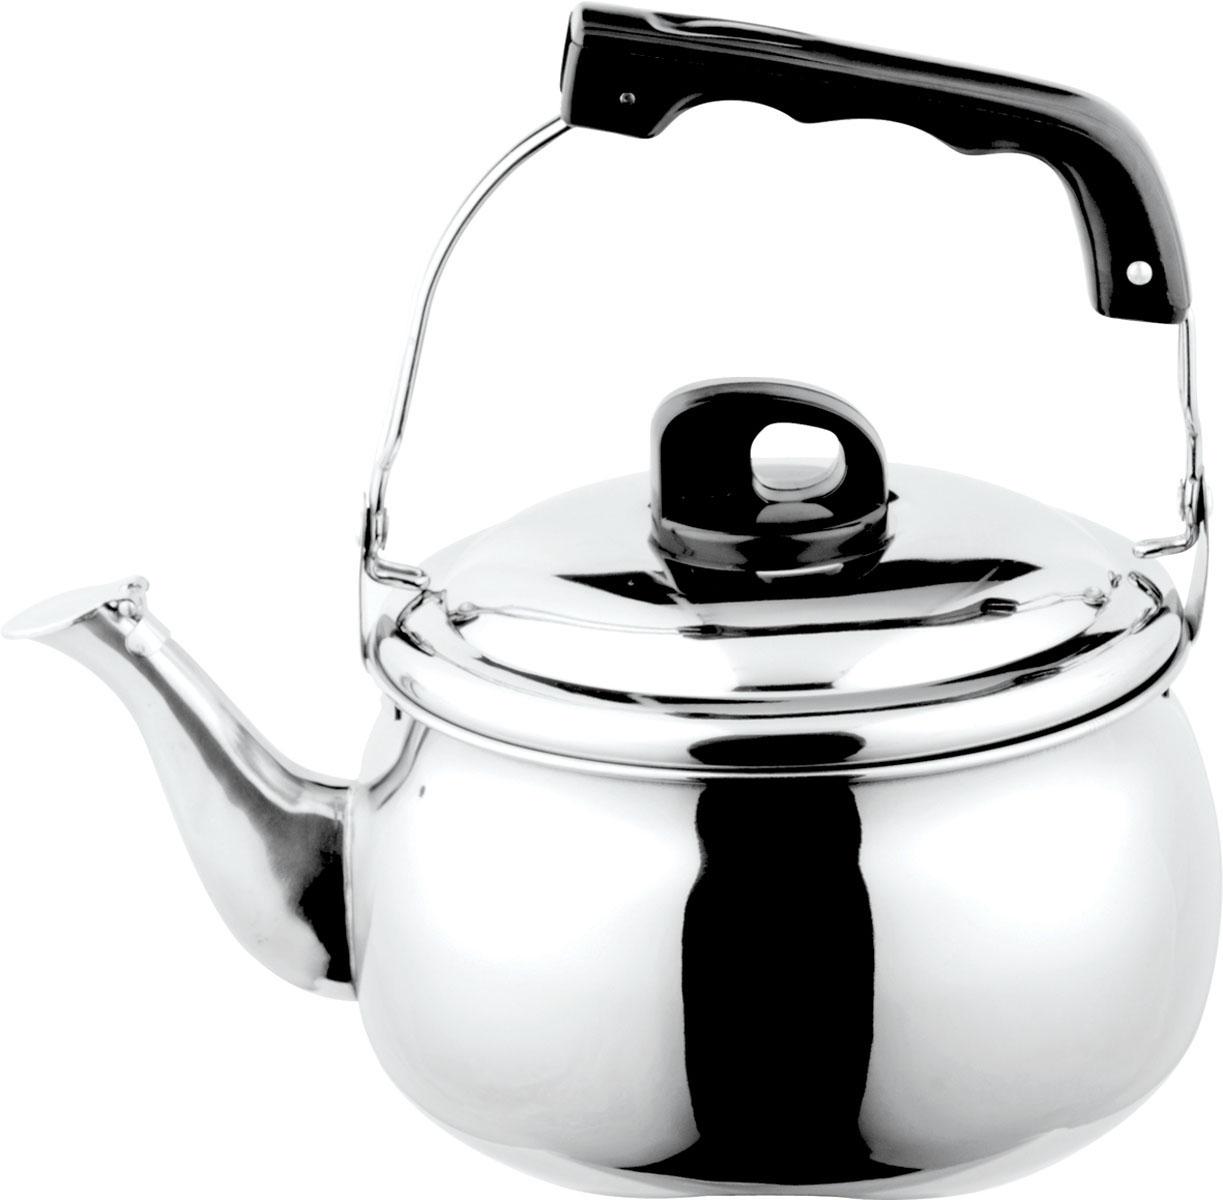 Чайник Bekker, со свистком, 6 л641BHLЧайник Bekker выполнен из высококачественной нержавеющей стали, что обеспечивает долговечность использования. Внешнее зеркальное покрытие придает приятный внешний вид. Бакелитовая ручка делает использование чайника очень удобным и безопасным. Цельнометаллическое дно способствует равномерному распространению тепла. Чайник снабжен свистком. Можно мыть в посудомоечной машине. Пригоден для всех видов плит, включая индукционные.